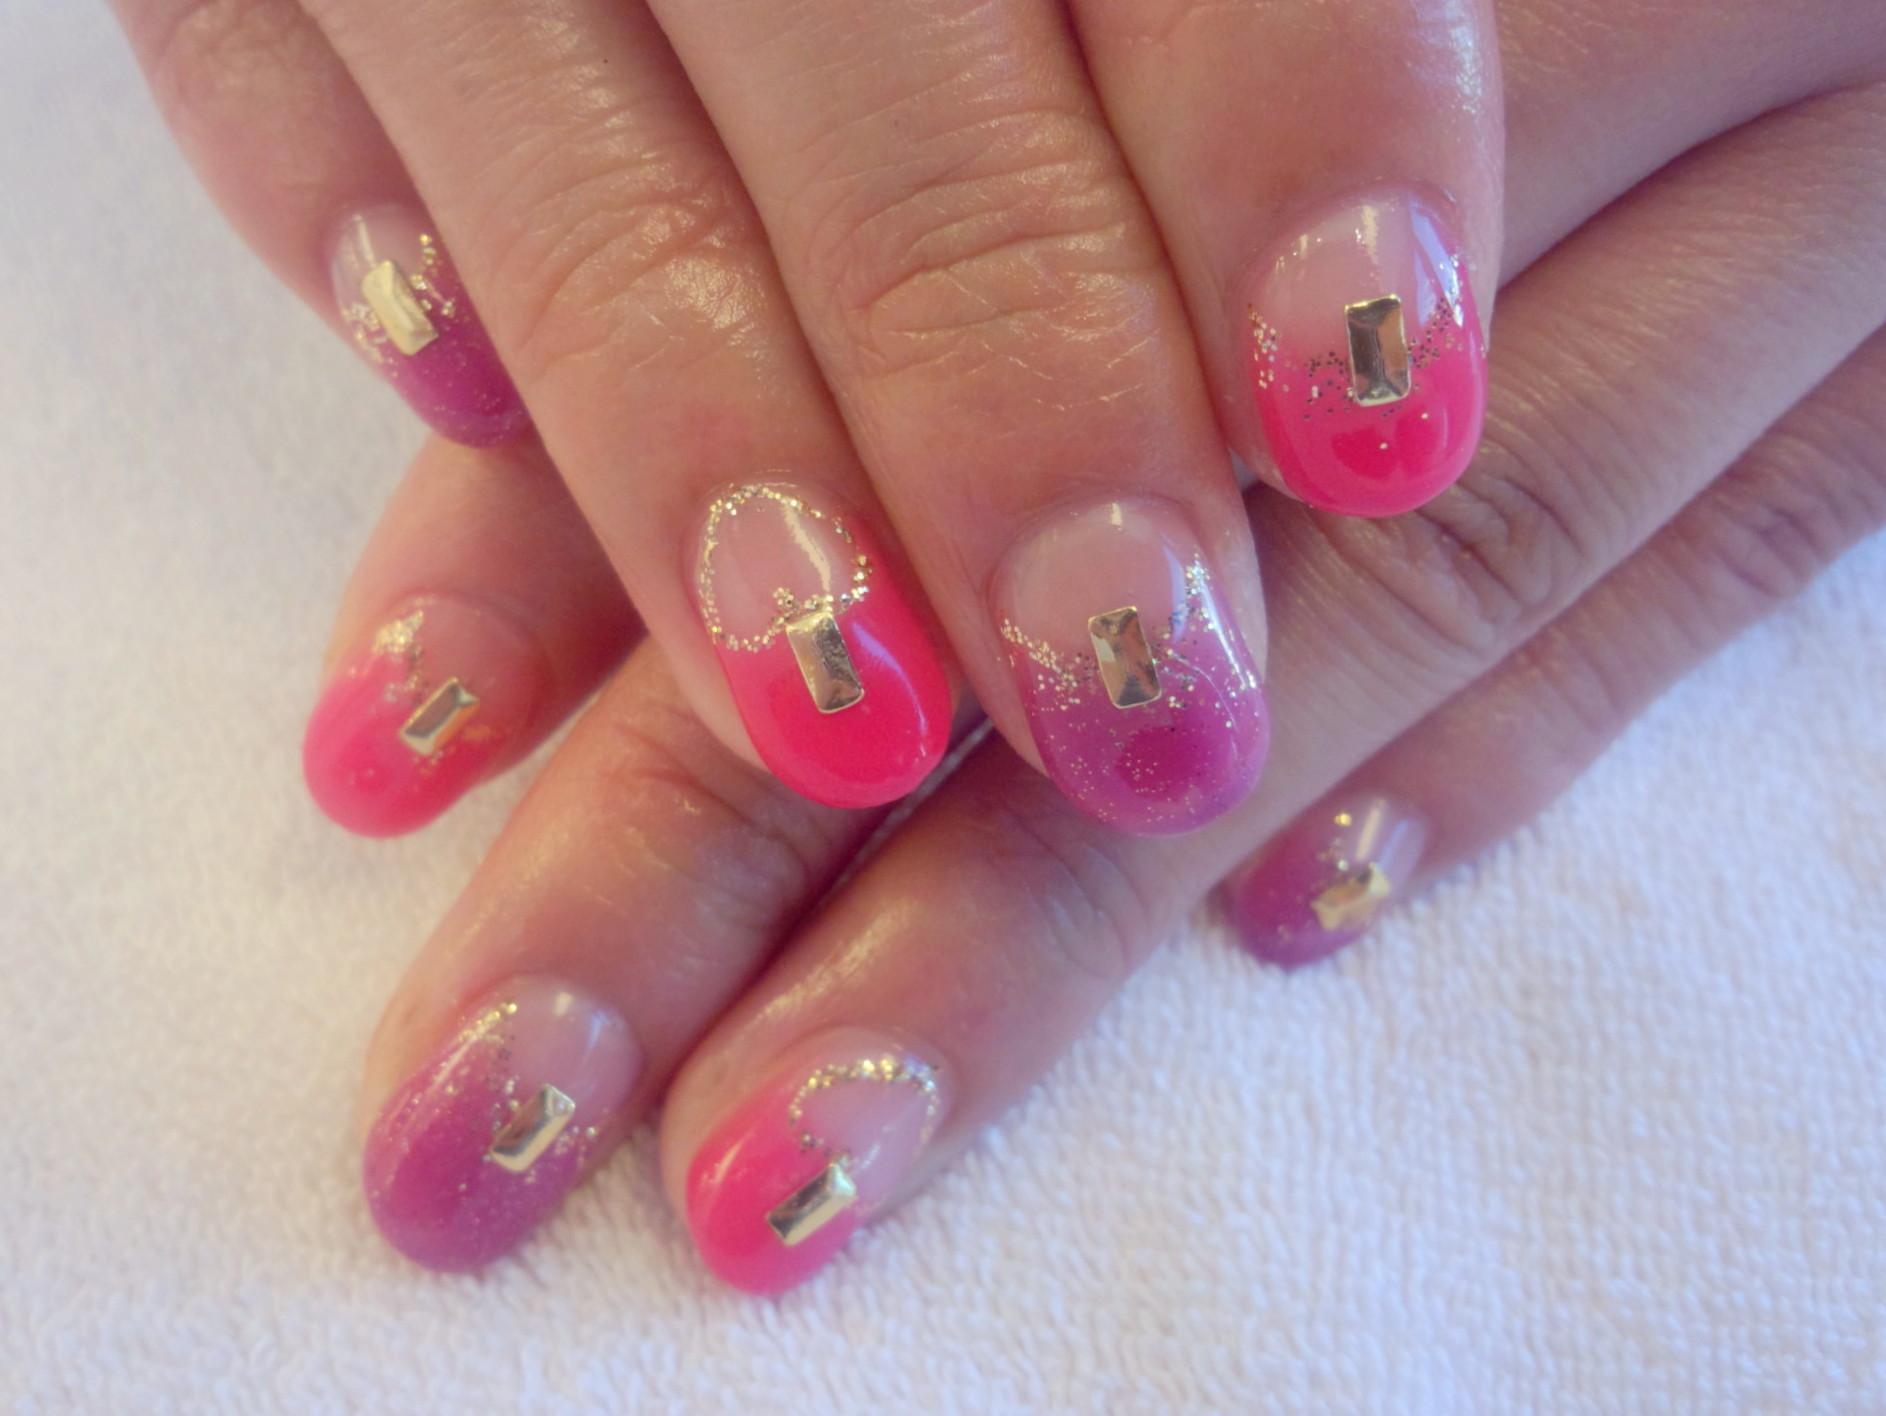 ピンクtパープルのスタッズネイル ネイルデザイン ネイル画像 ネイルフレンチ ネイル逆フレンチ